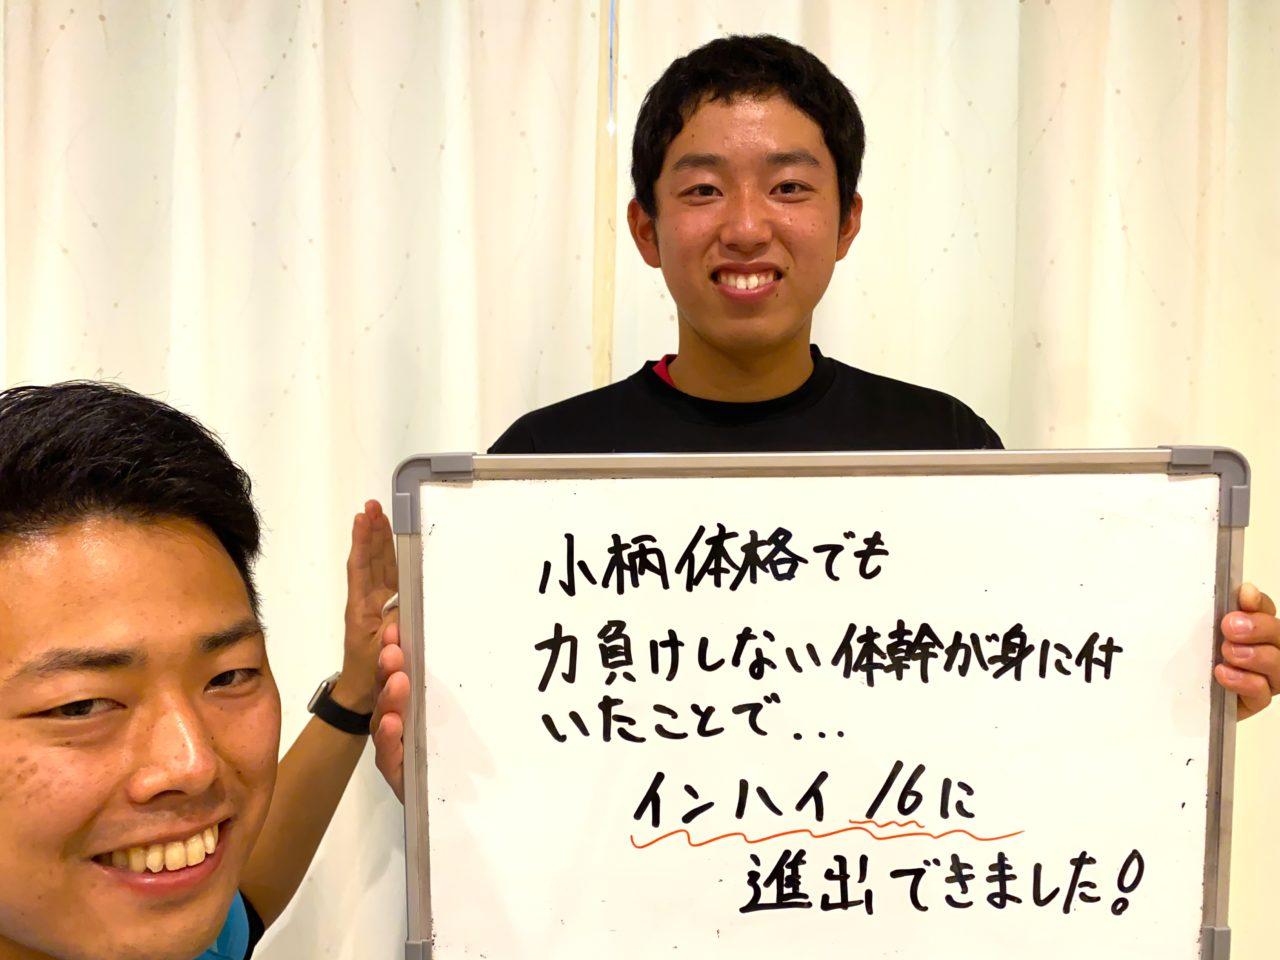 パーソナルトレーニングを受けたお客様の声|10代高校生・テニスプレーヤー